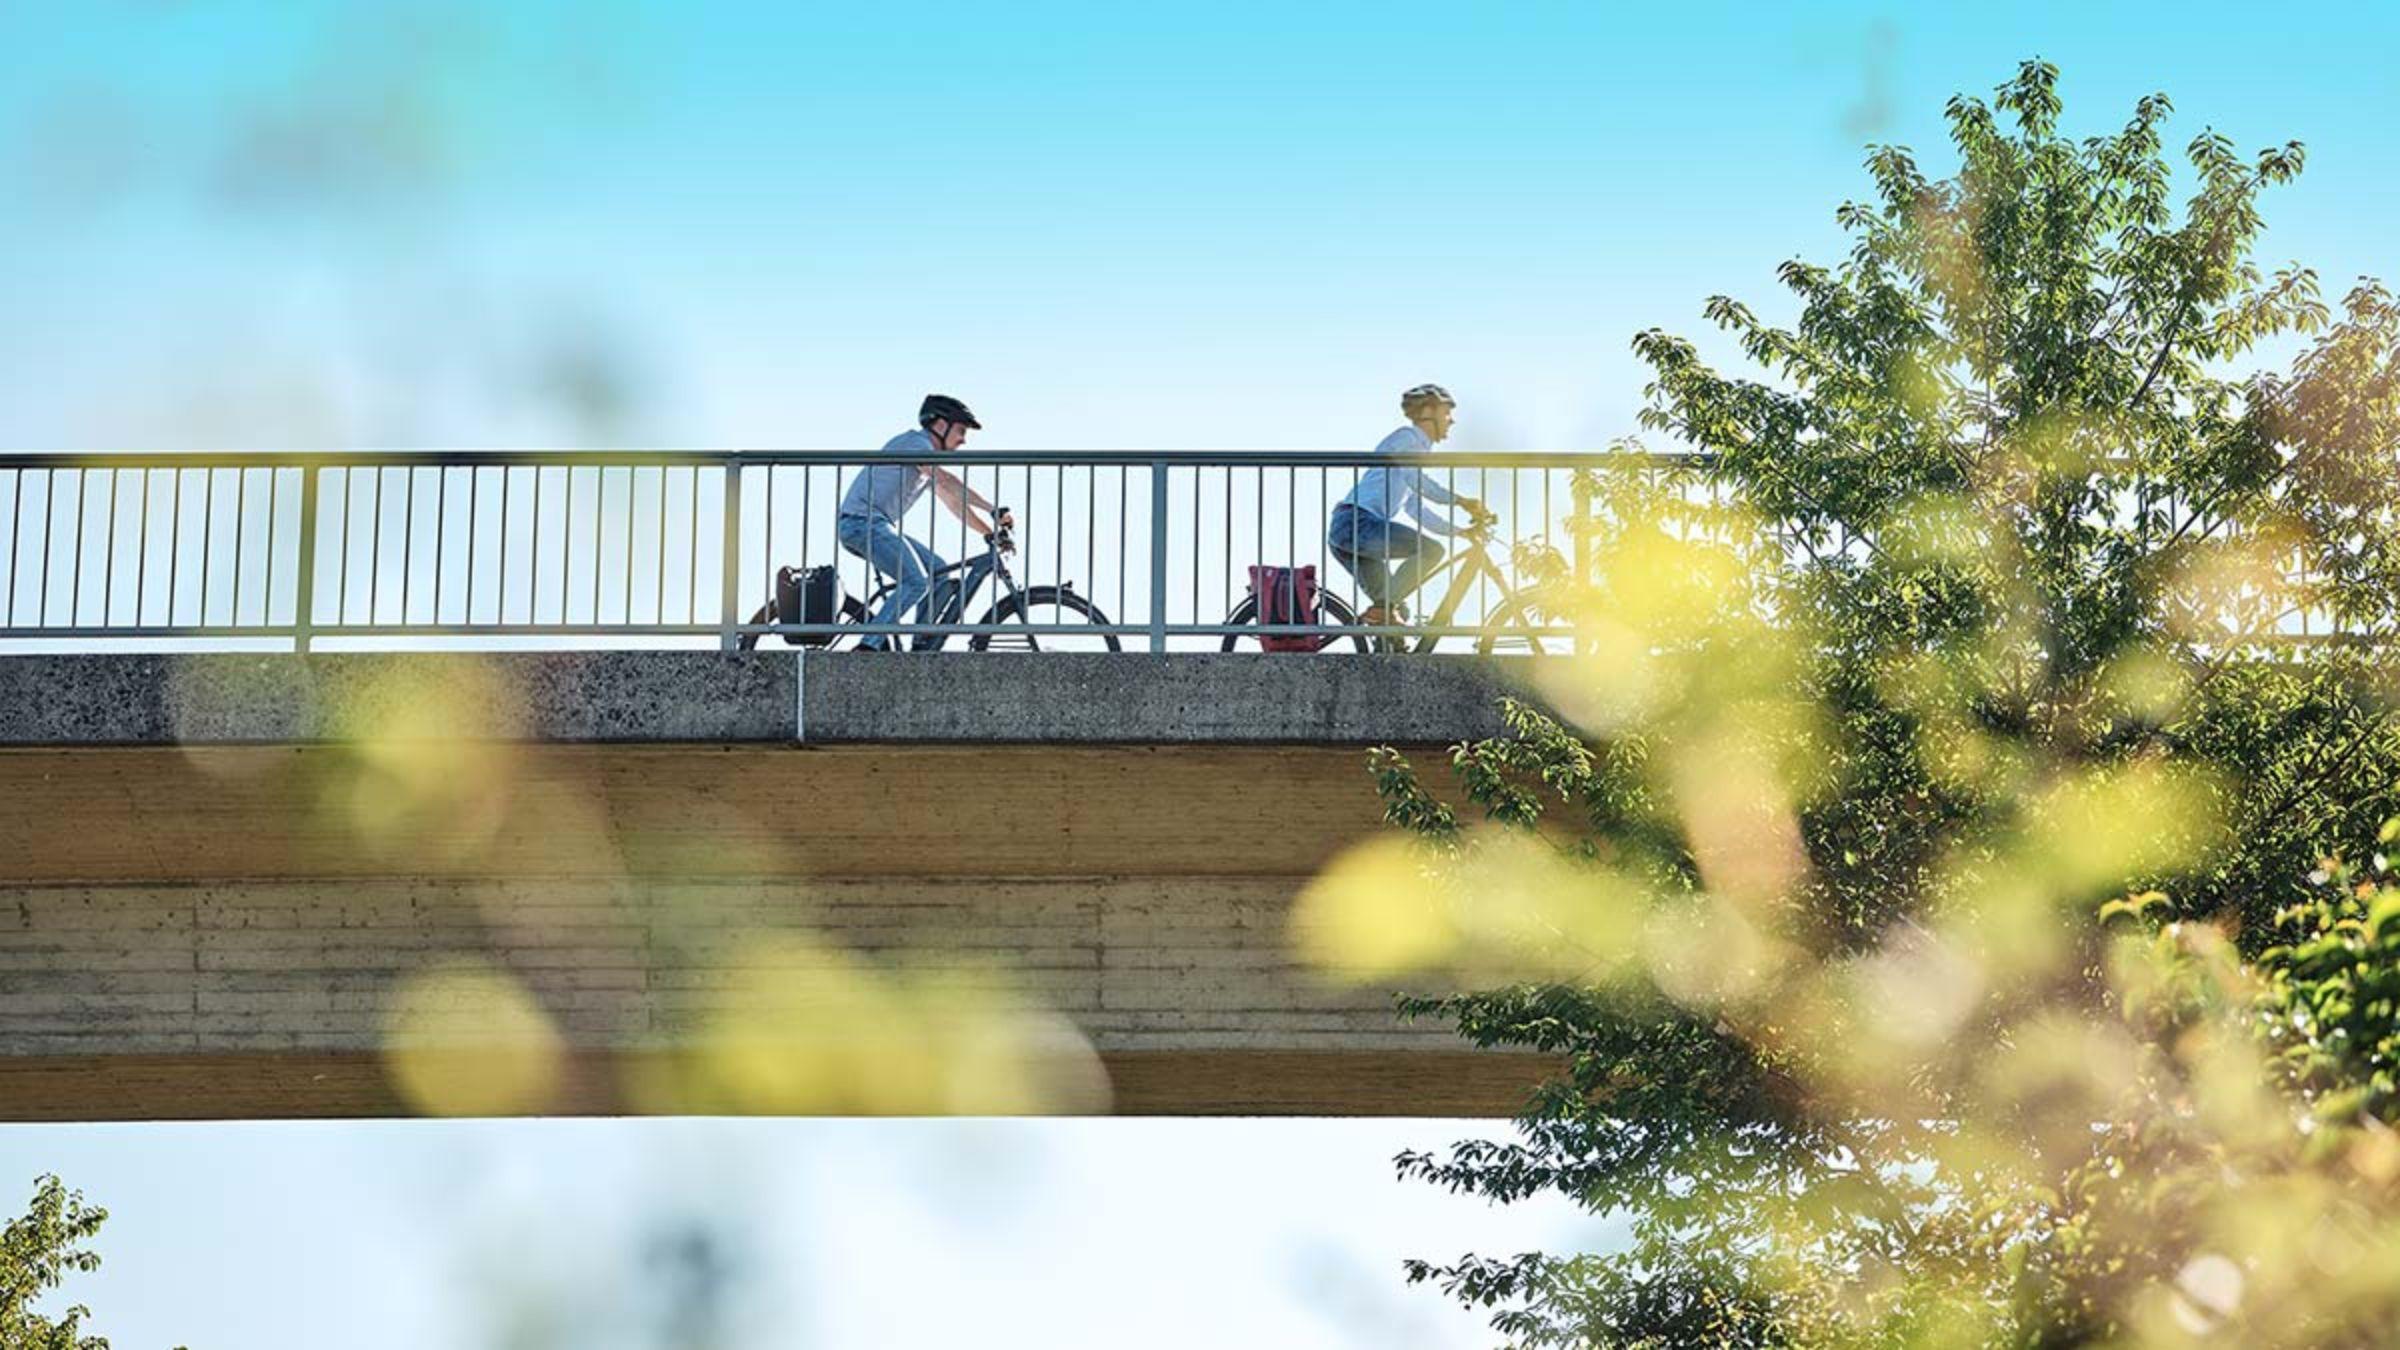 Radfahrer auf einer Brücke